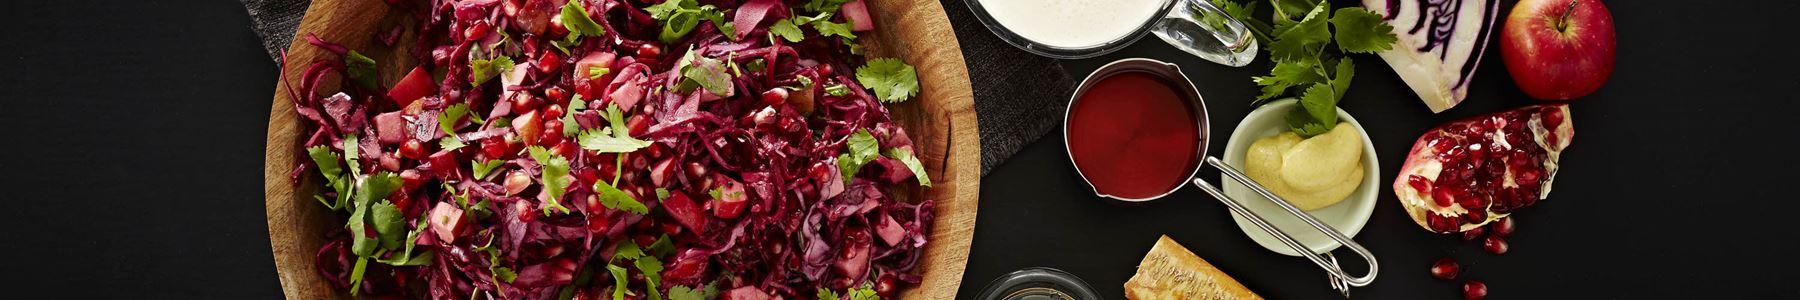 Hurtig + Tranebær + Salater + Efterår